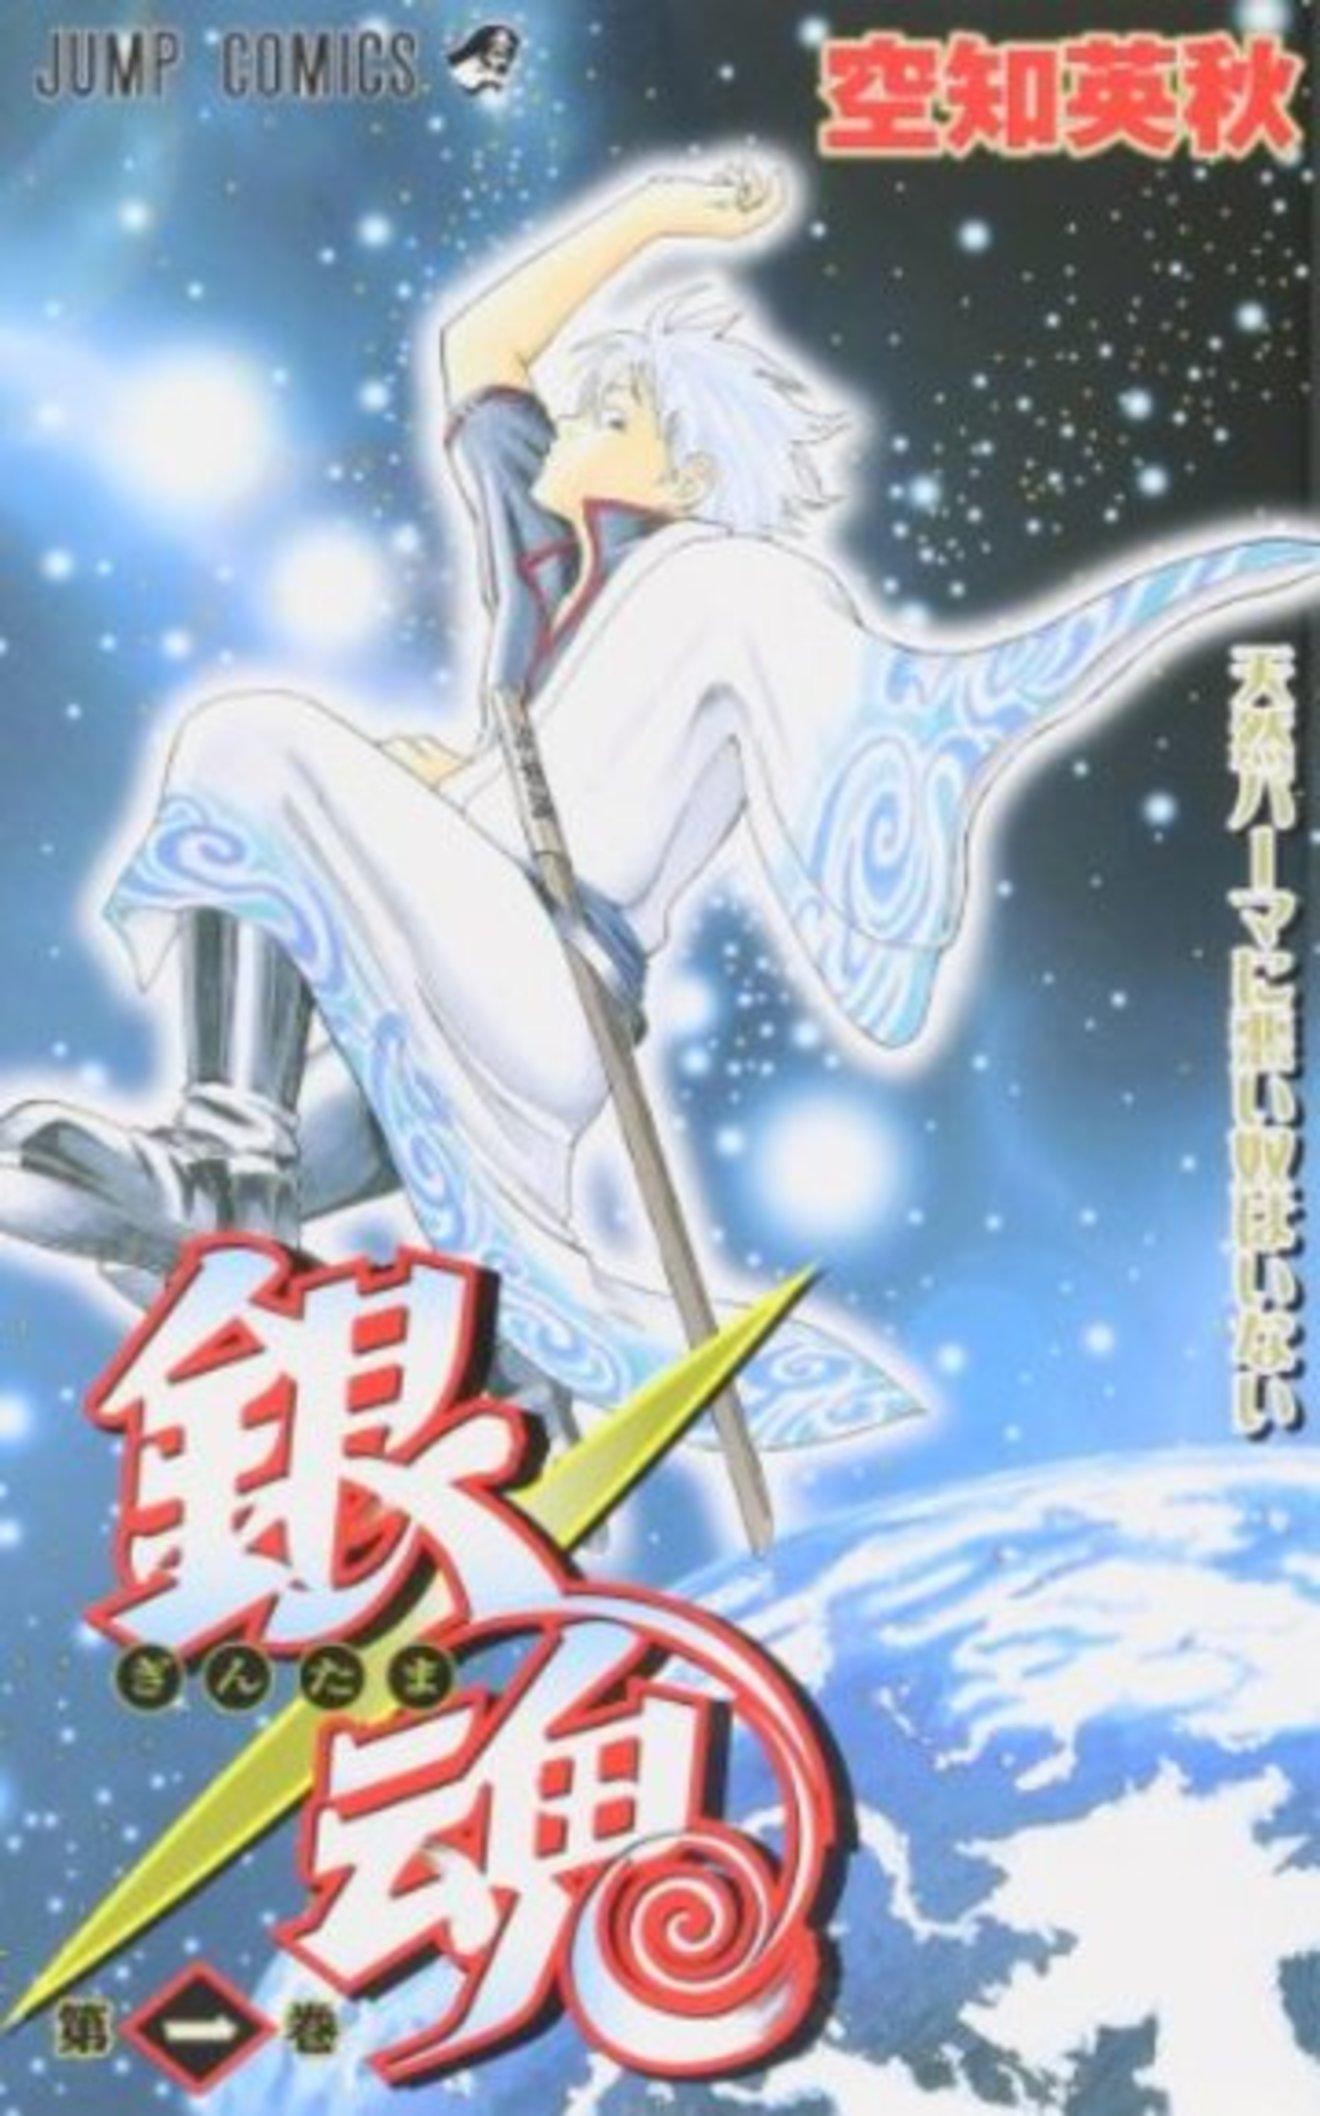 『銀魂』坂田銀時の意外な14の魅力!モデルや身長、正体、ヒロインの考察も